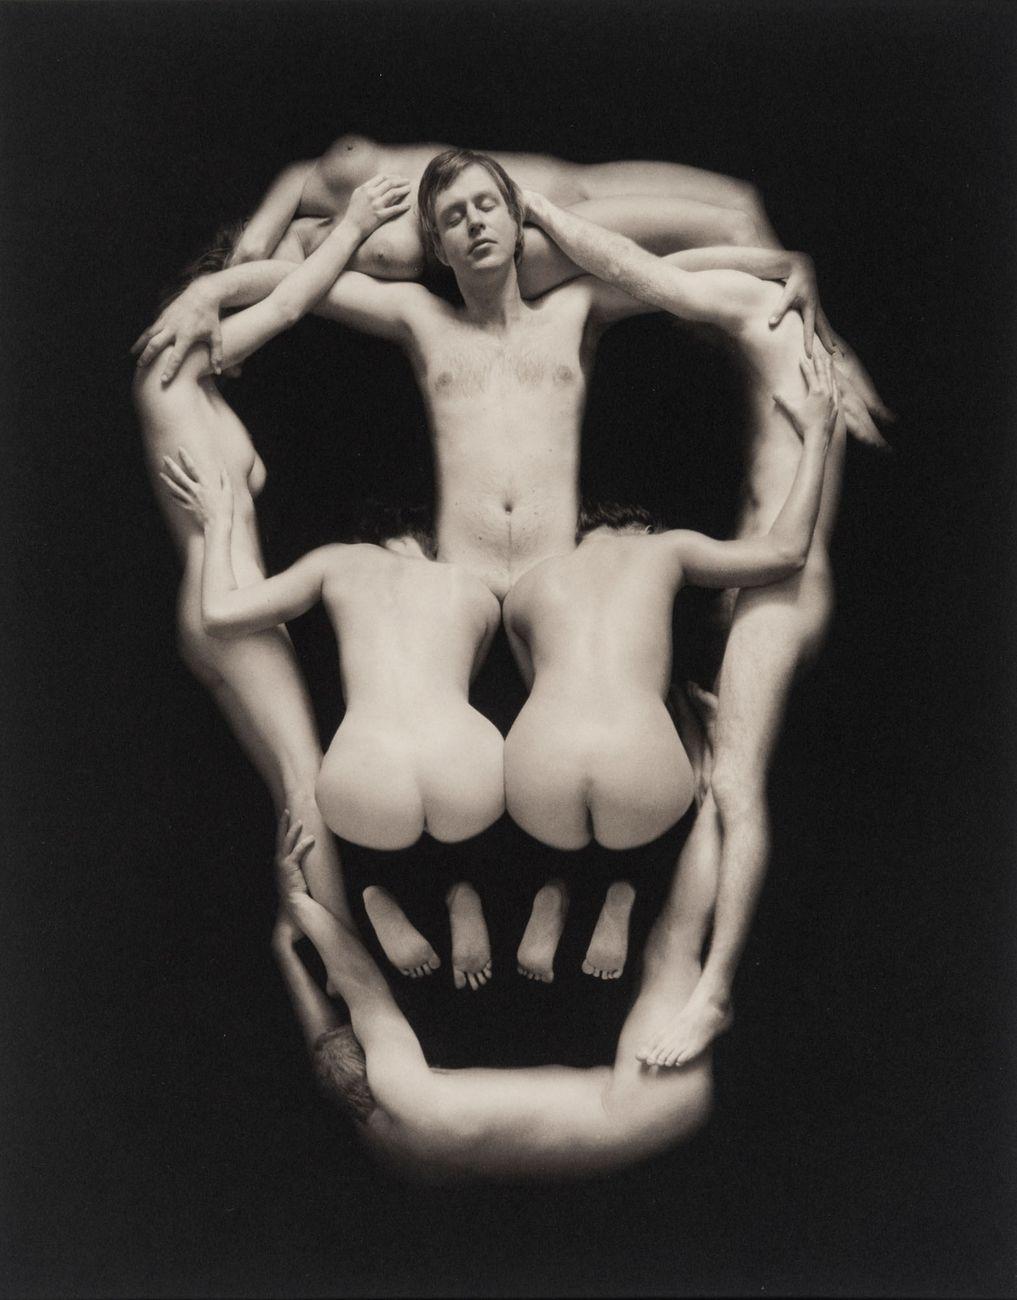 Piotr Uklansky, Senza titolo (Skull), 2000, stampa al platino palladio, ed. 6 di 20, 38 x 29,7 cm. Courtesy Art Rite